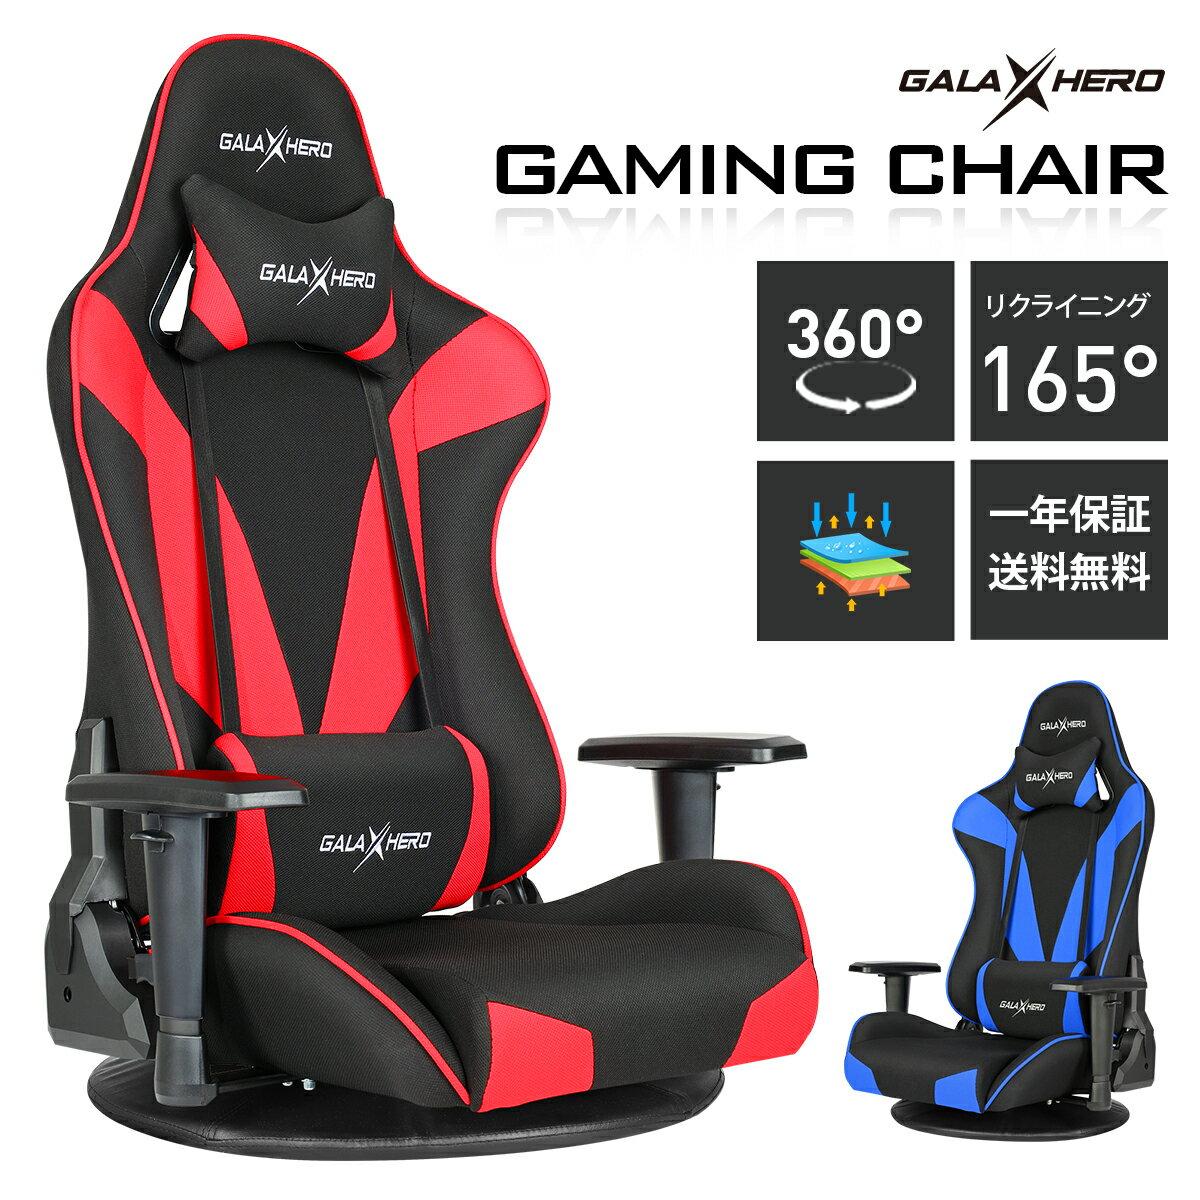 ゲーミングチェアゲーミング座椅子通気性抜群オフィスチェアゲーム用チェアパソコンチェアデスクチェアPCチェアーPC椅子多機能360度回転ハイバックリクライニングヘッドレスト可動腰痛長時間2Dひじ掛け布地GALAXHERO